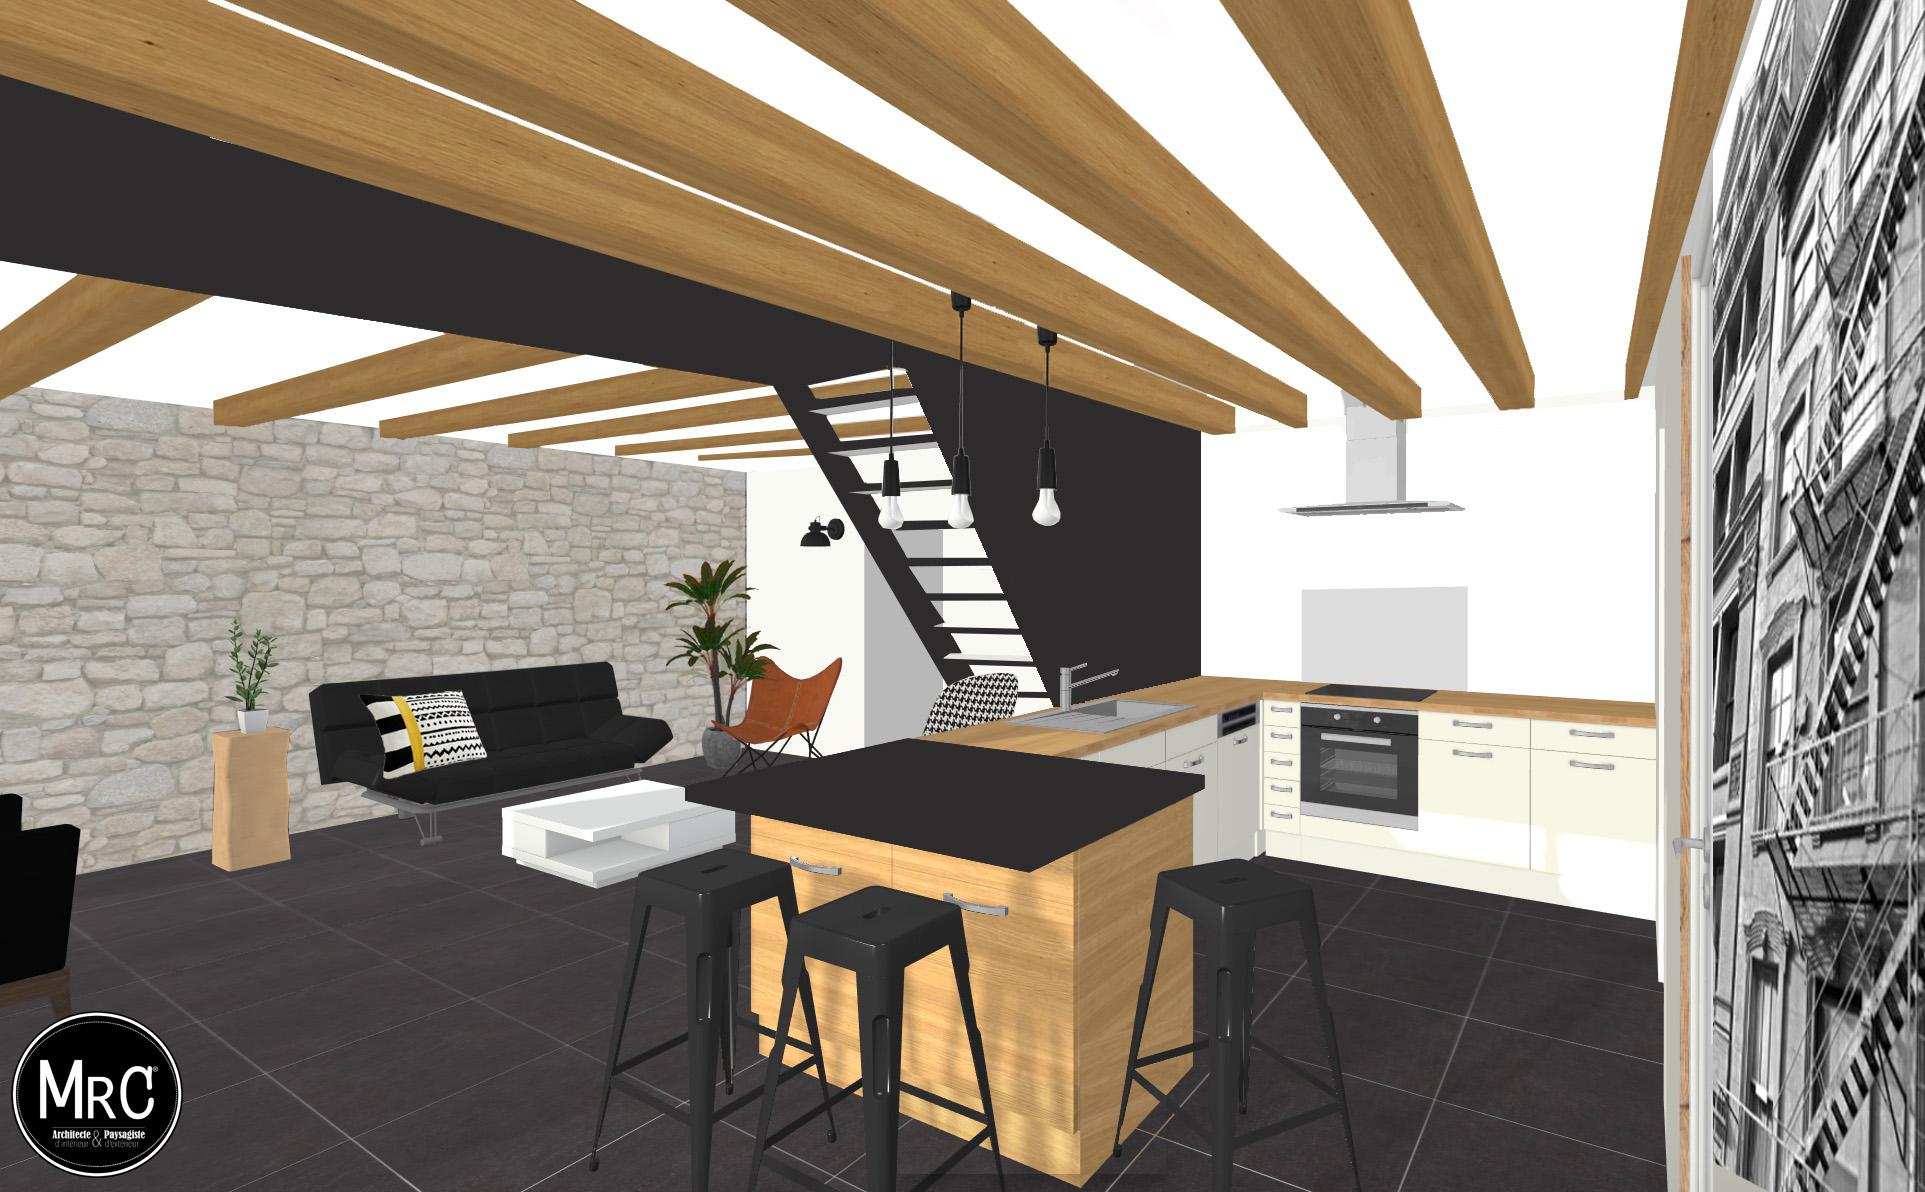 style industriel par clara ajmar mrc architecte d 39 int rieur et paysagiste. Black Bedroom Furniture Sets. Home Design Ideas